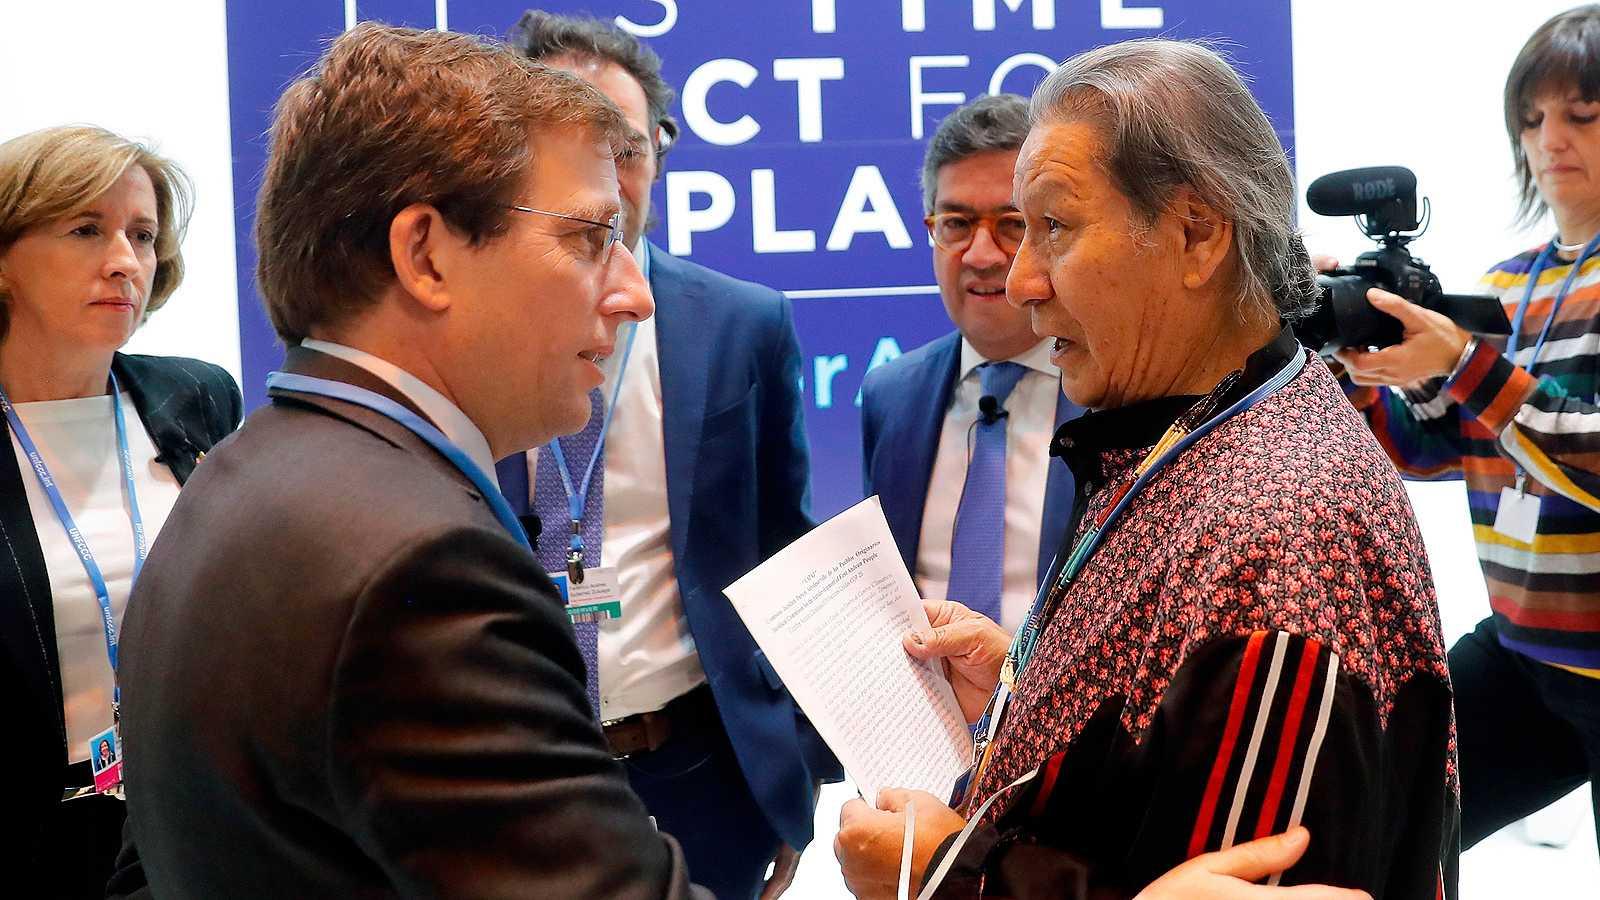 El alcalde de Madrid, JoséLuis Martínez-Almeida, conversa con el representante indígena que le ha reprochado que eligiera Notre Dame antes que el Amazonas